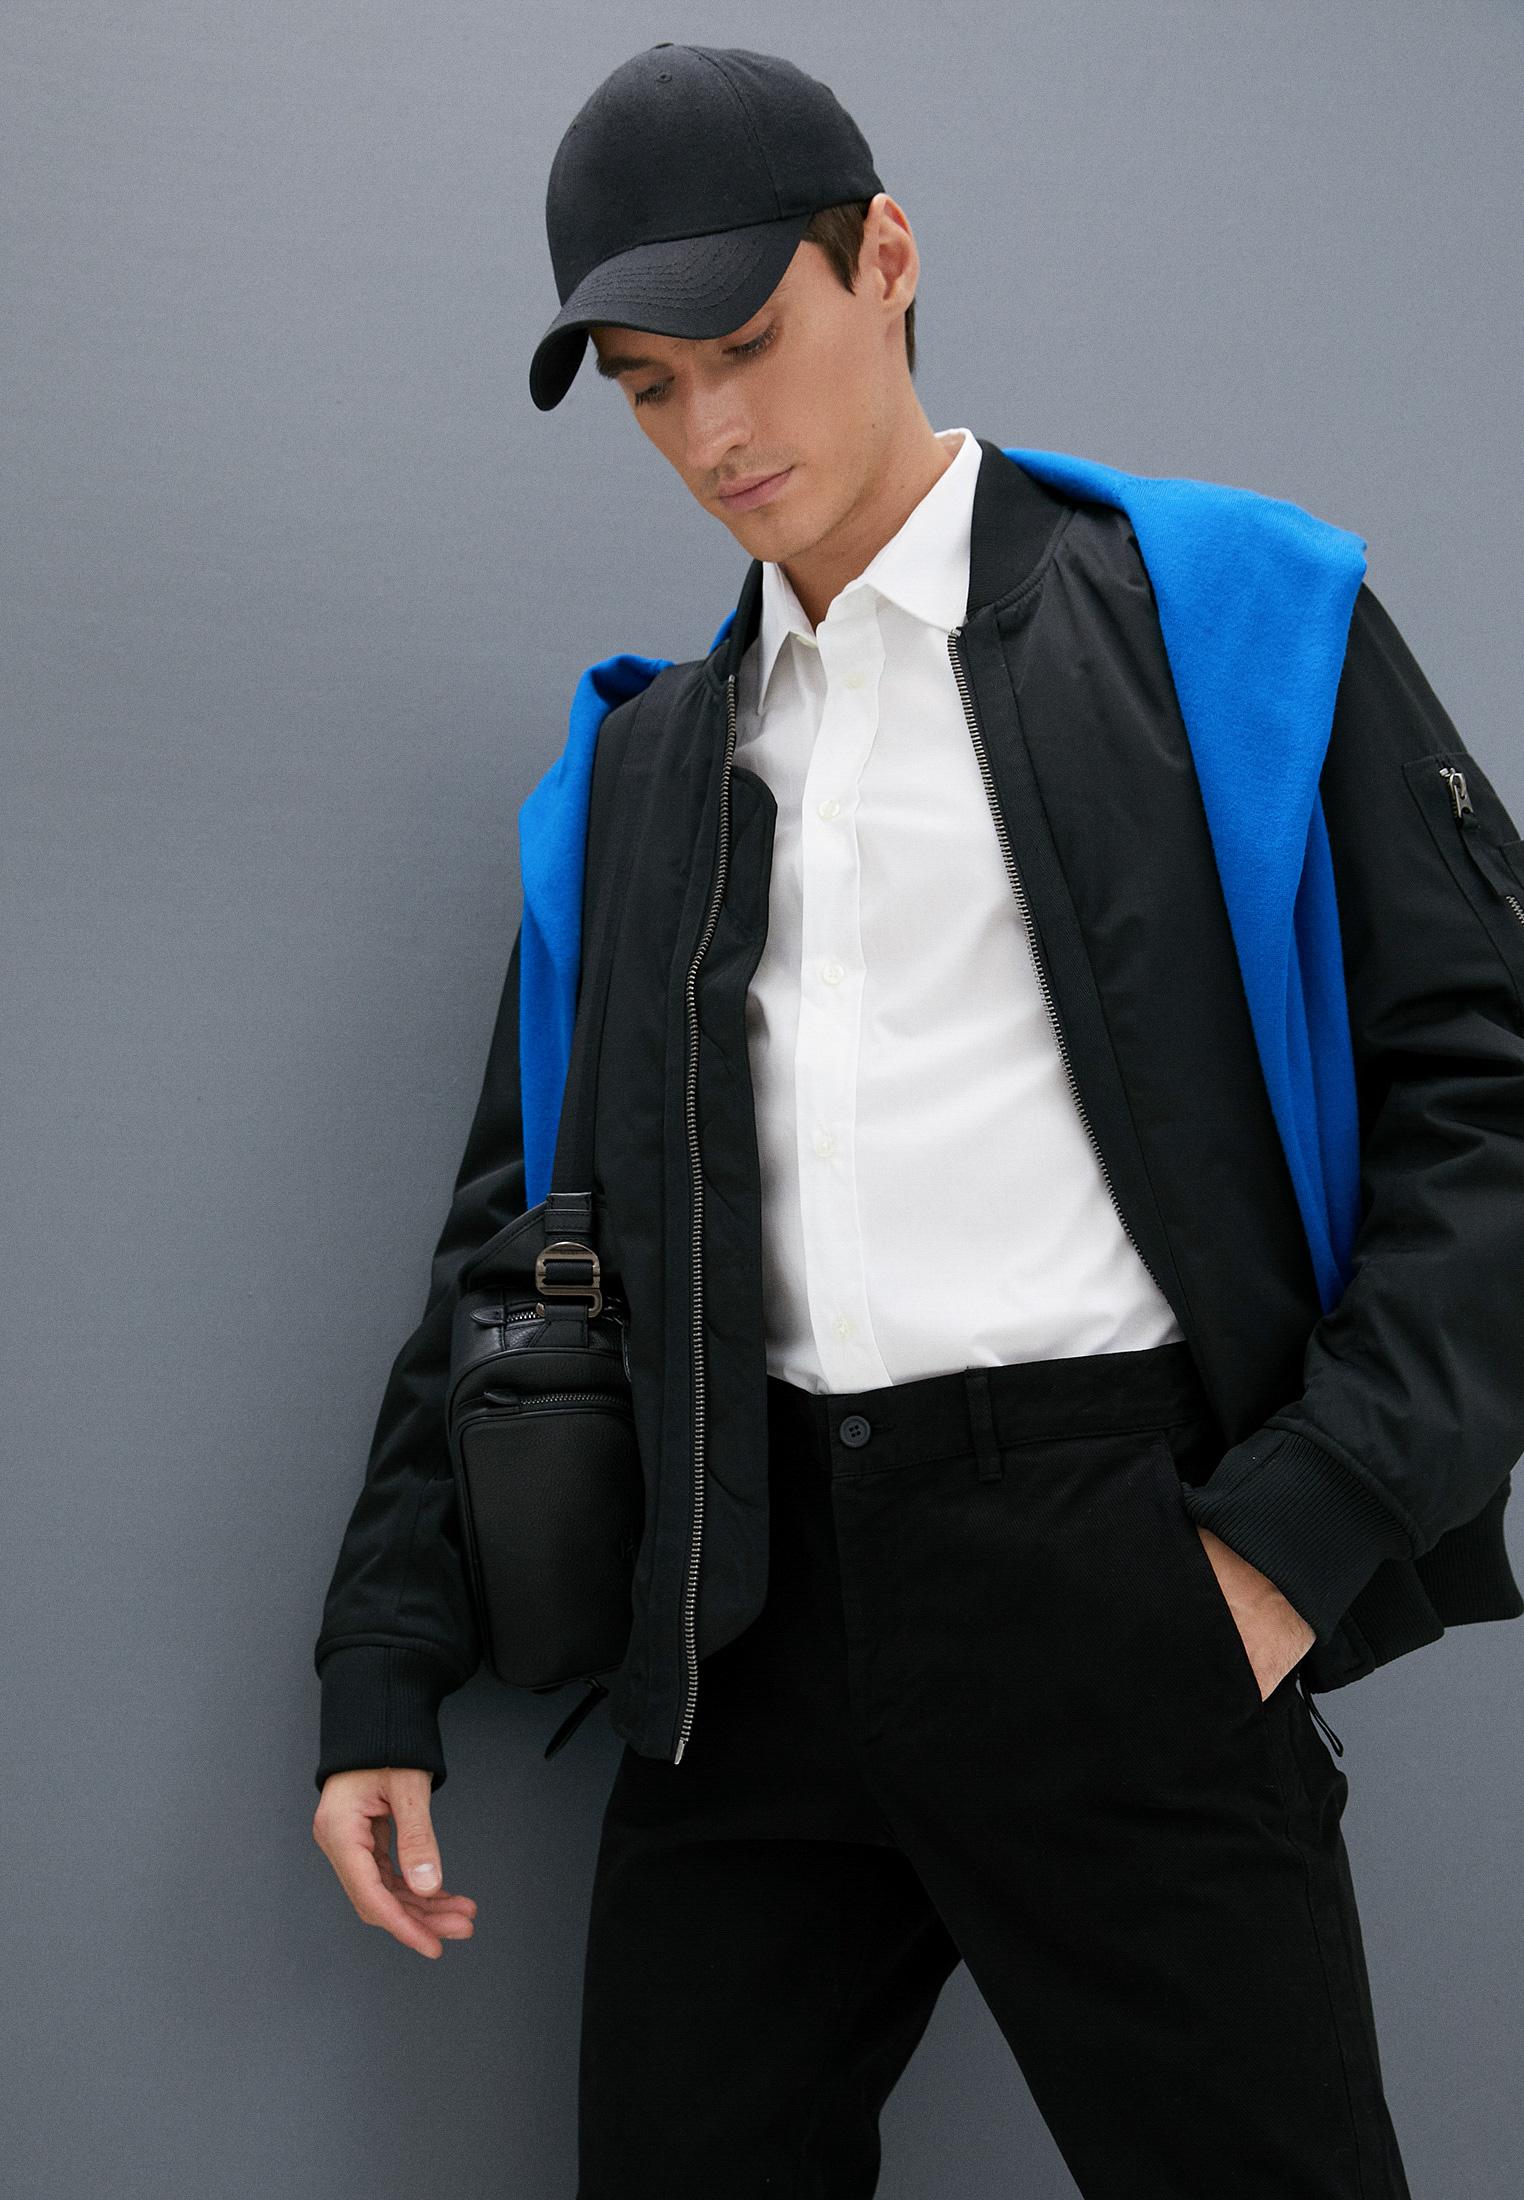 Мужские повседневные брюки Bikkembergs (Биккембергс) C P 001 04 S 3472: изображение 7